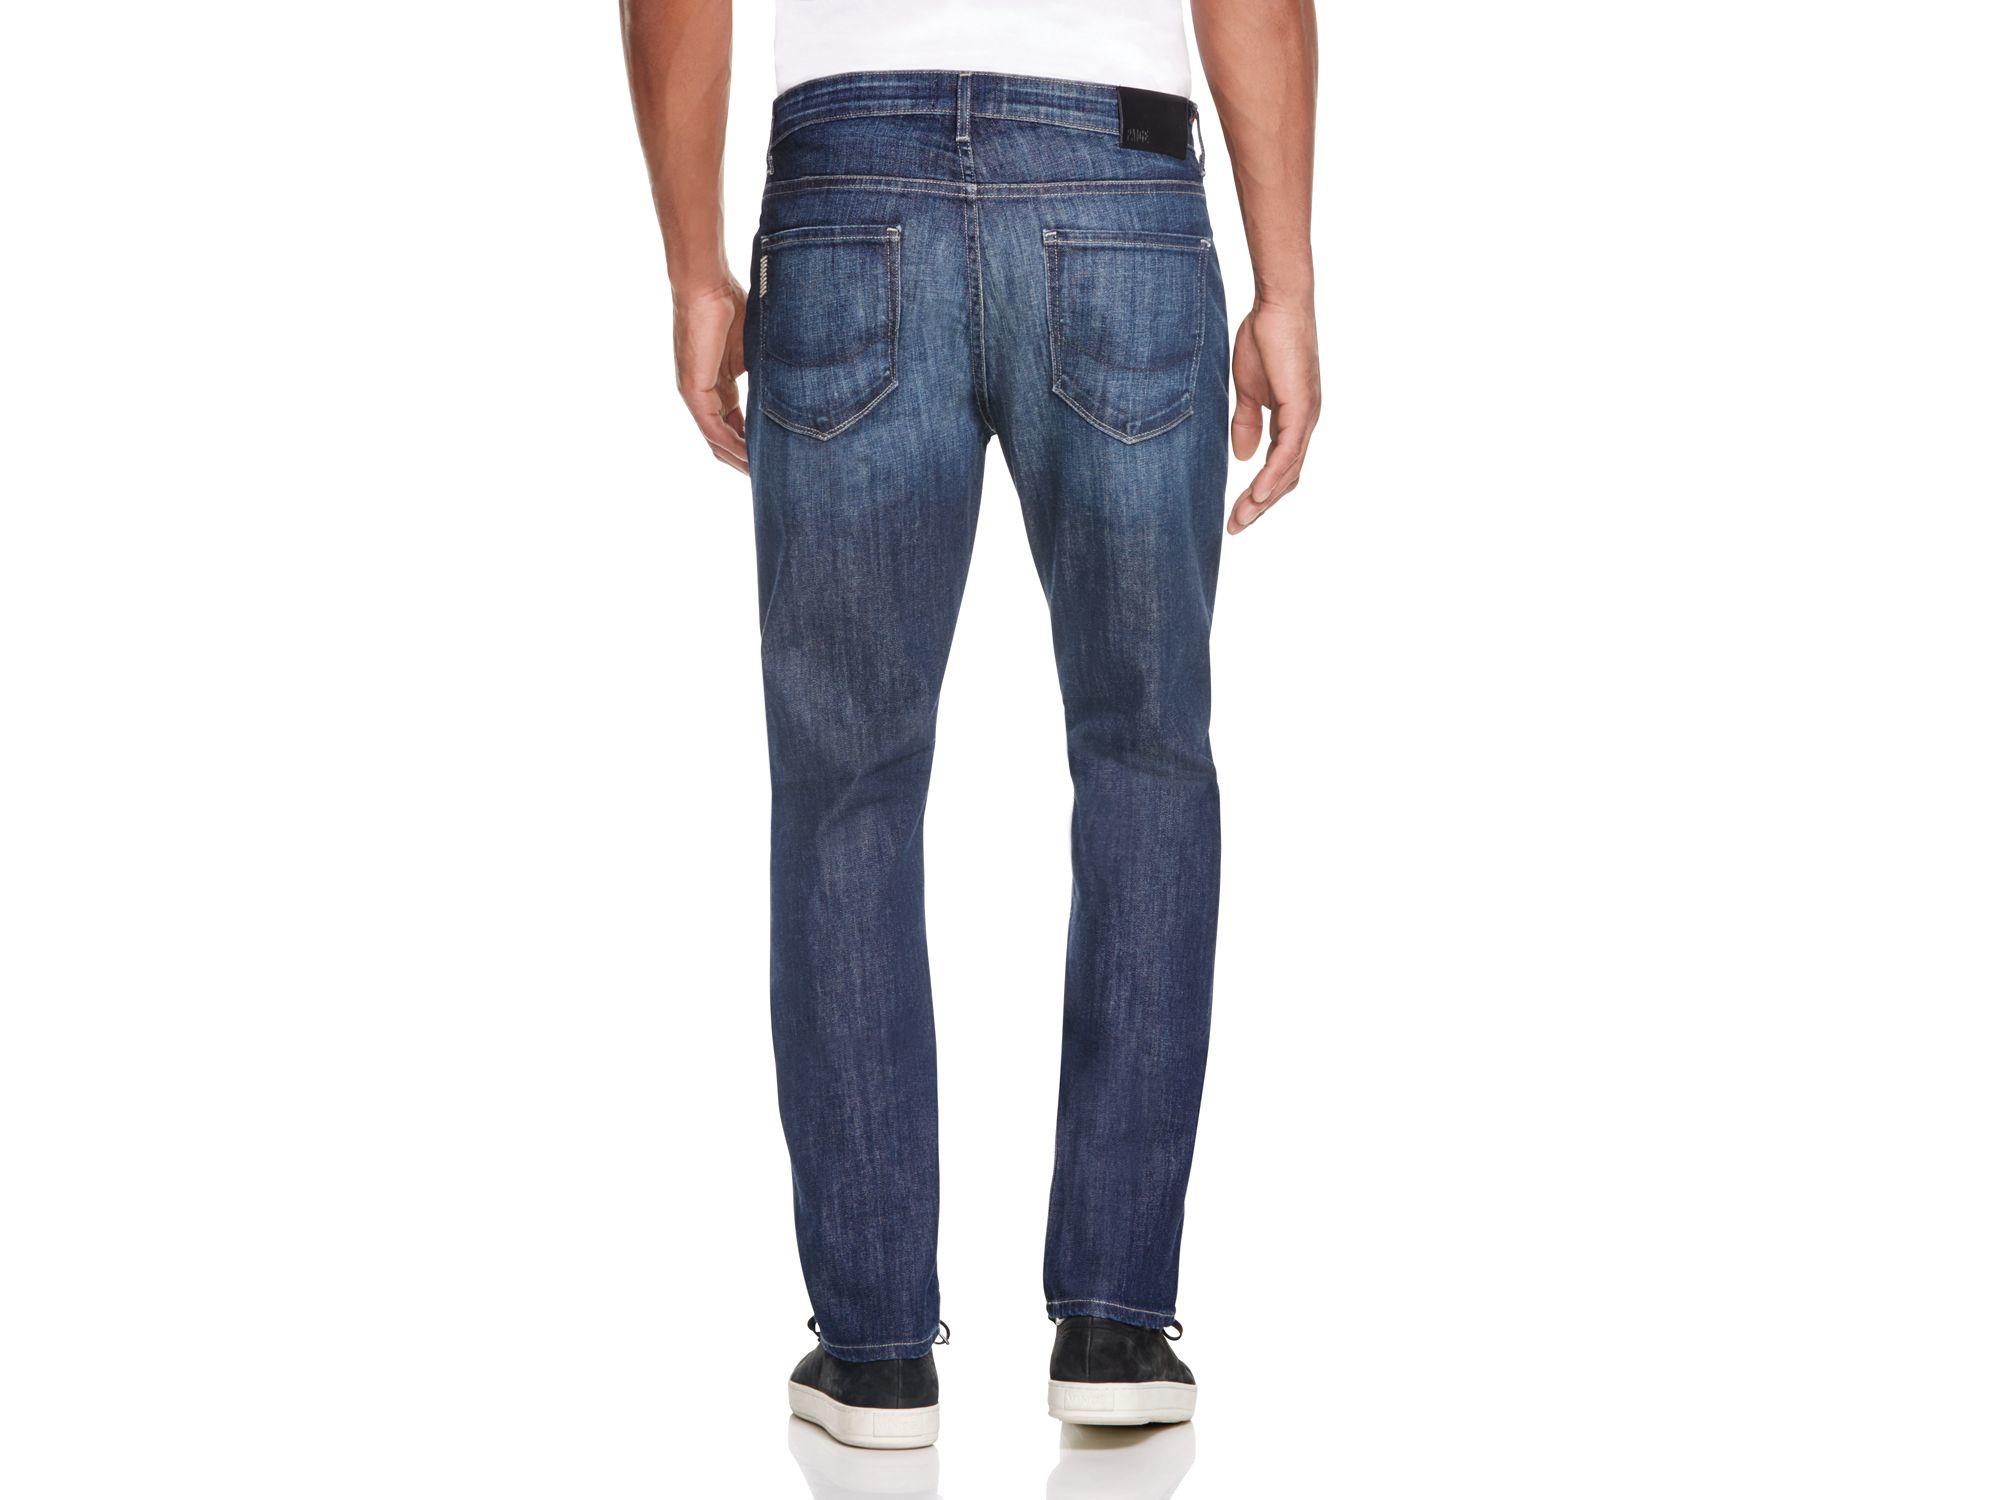 PAIGE Denim Federal Slim Fit Jeans In Ponyboy in Blue for Men